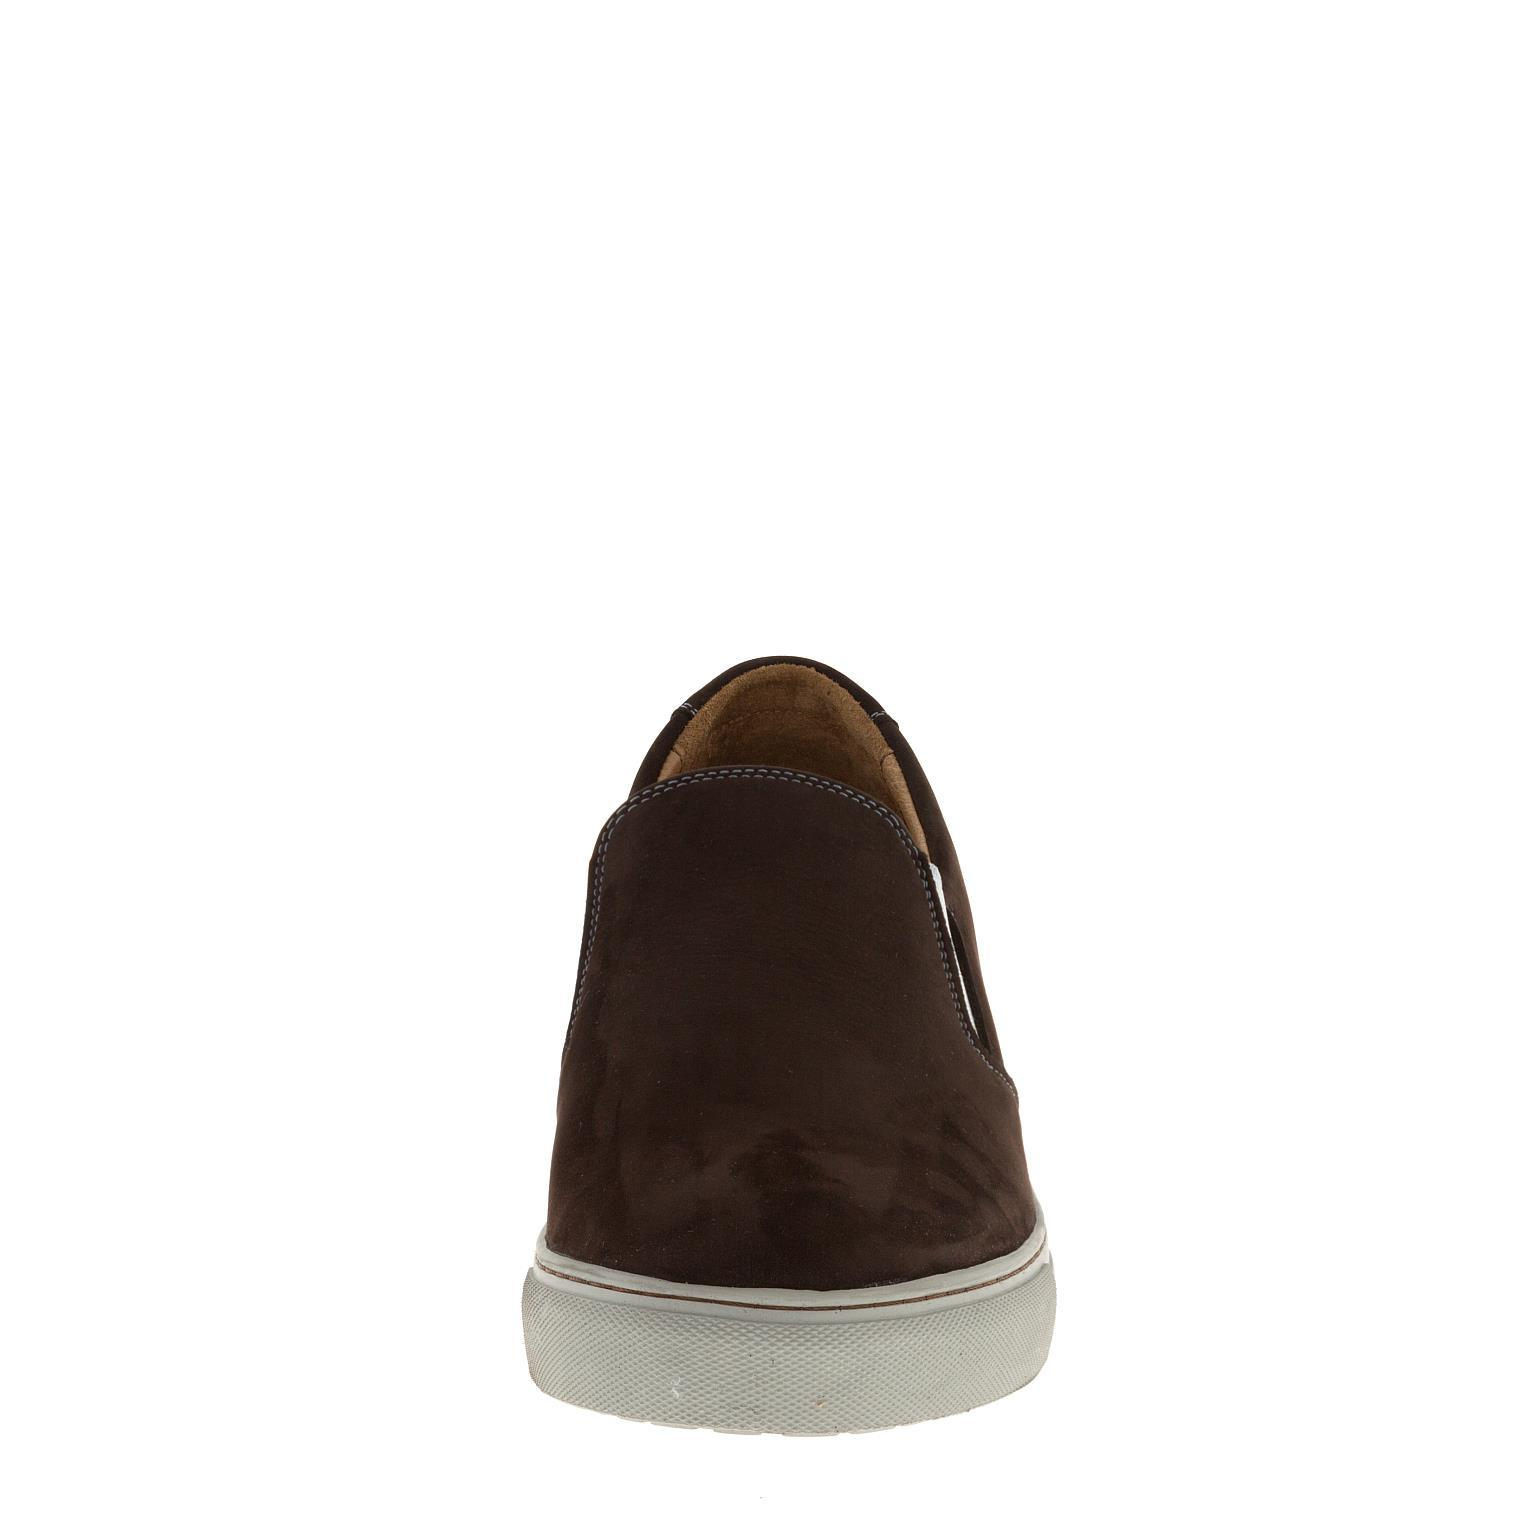 546308 полуботинки мужские коричневые (слипоны) больших размеров марки Делфино